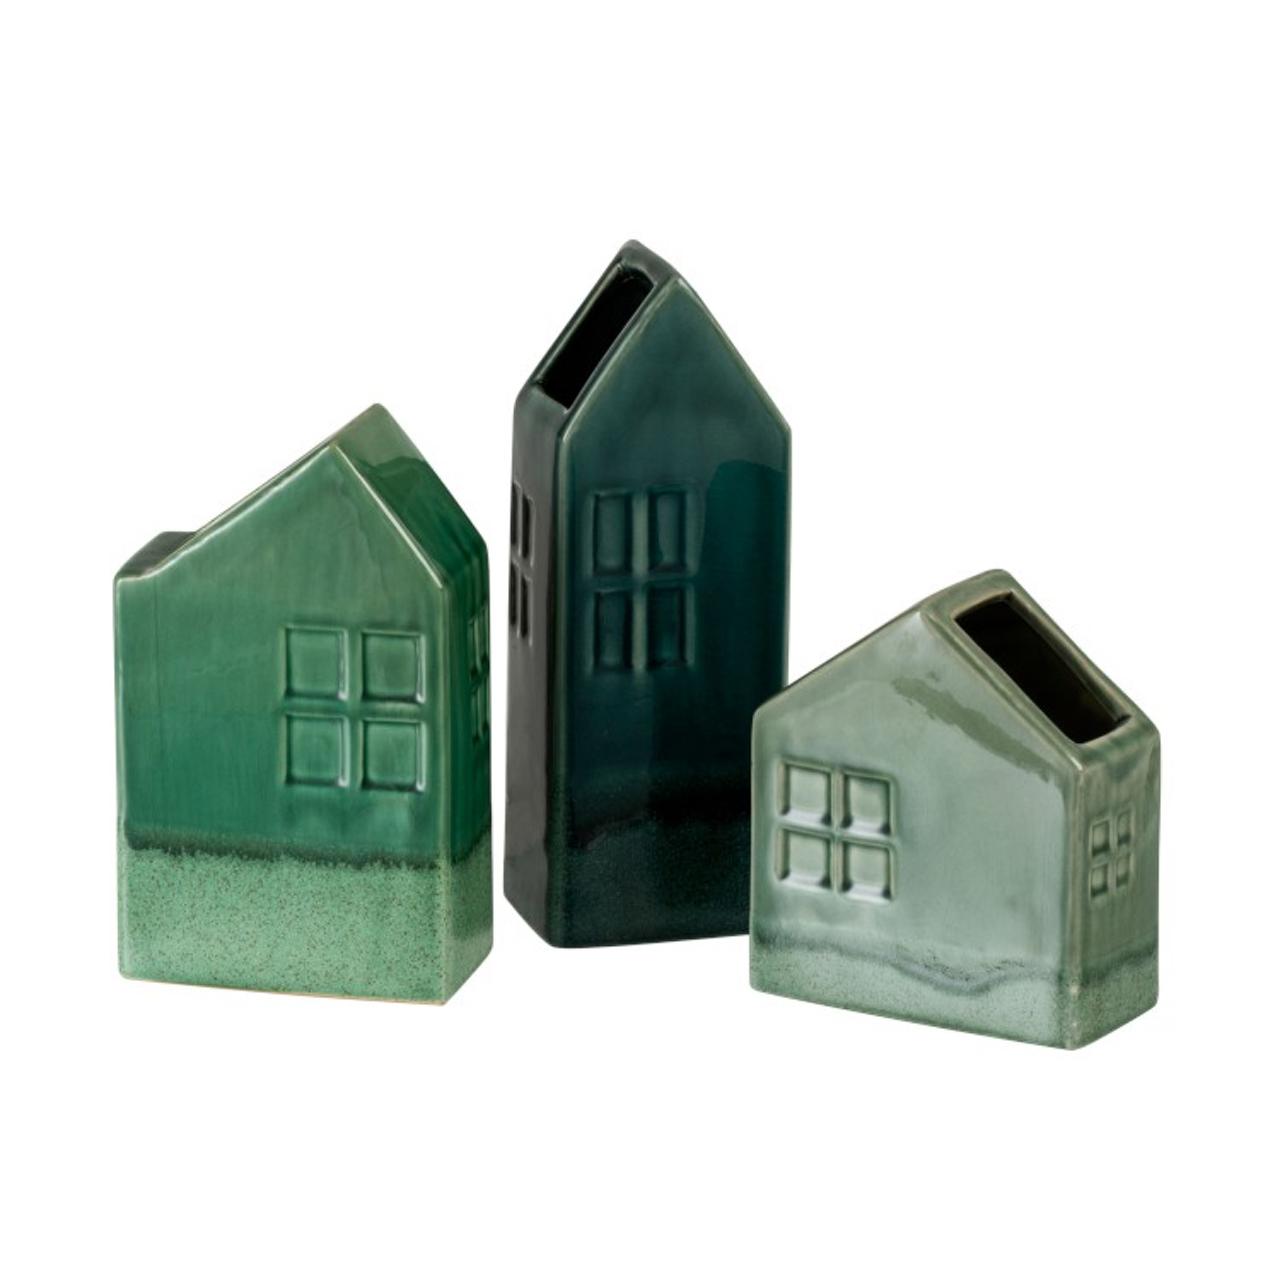 J-line Vaas huis aardewerk groen (14x7x16cm)-90027-5415203900272